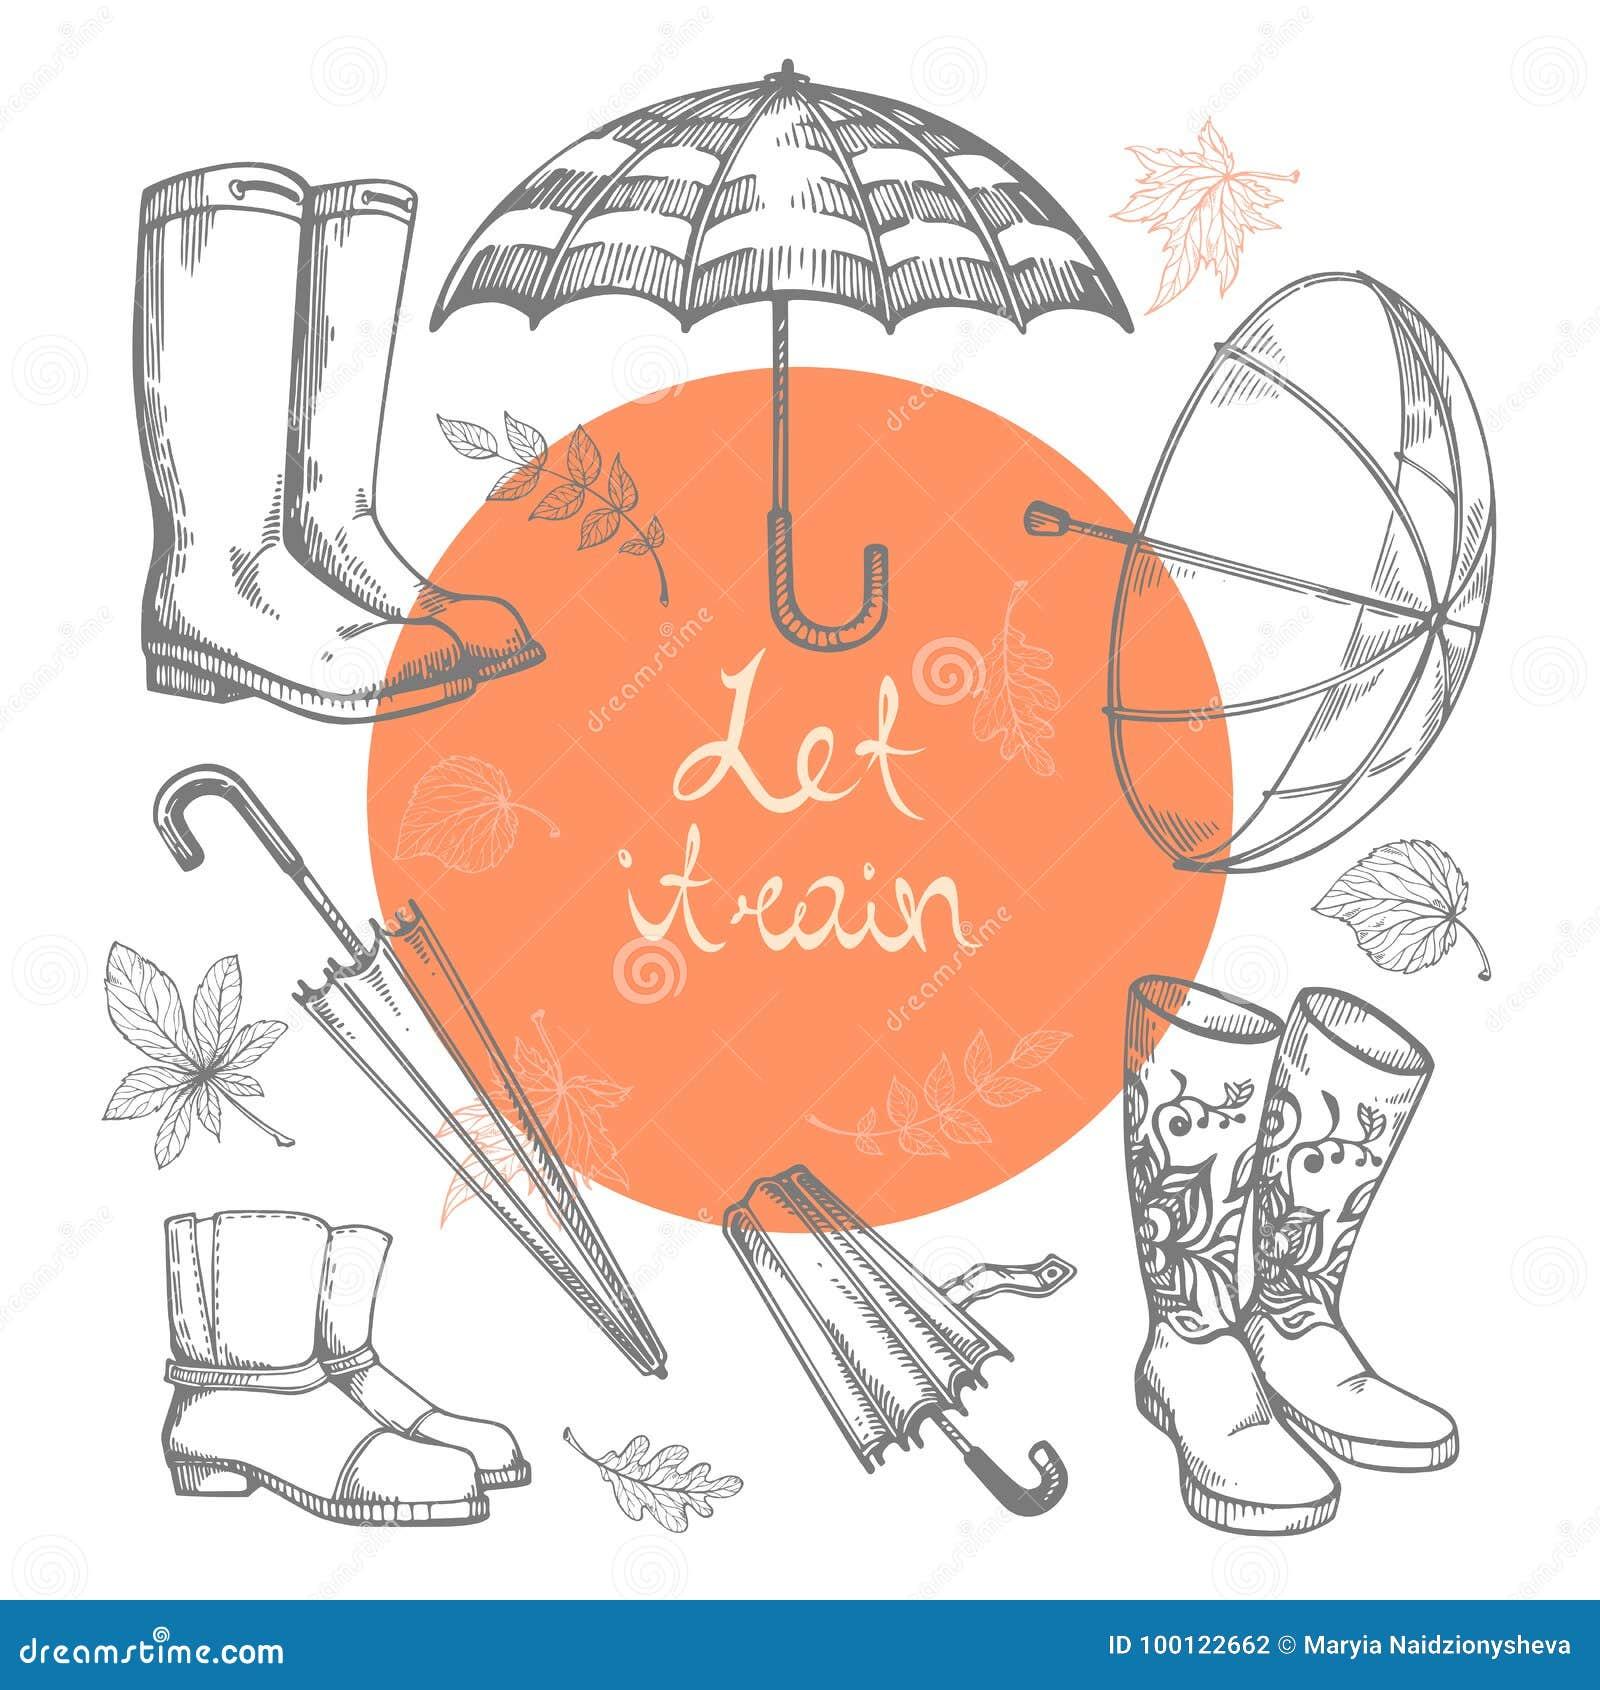 Комплект иллюстраций вектора нарисованных вручную зонтиков, резиновых ботинок и листьев осени